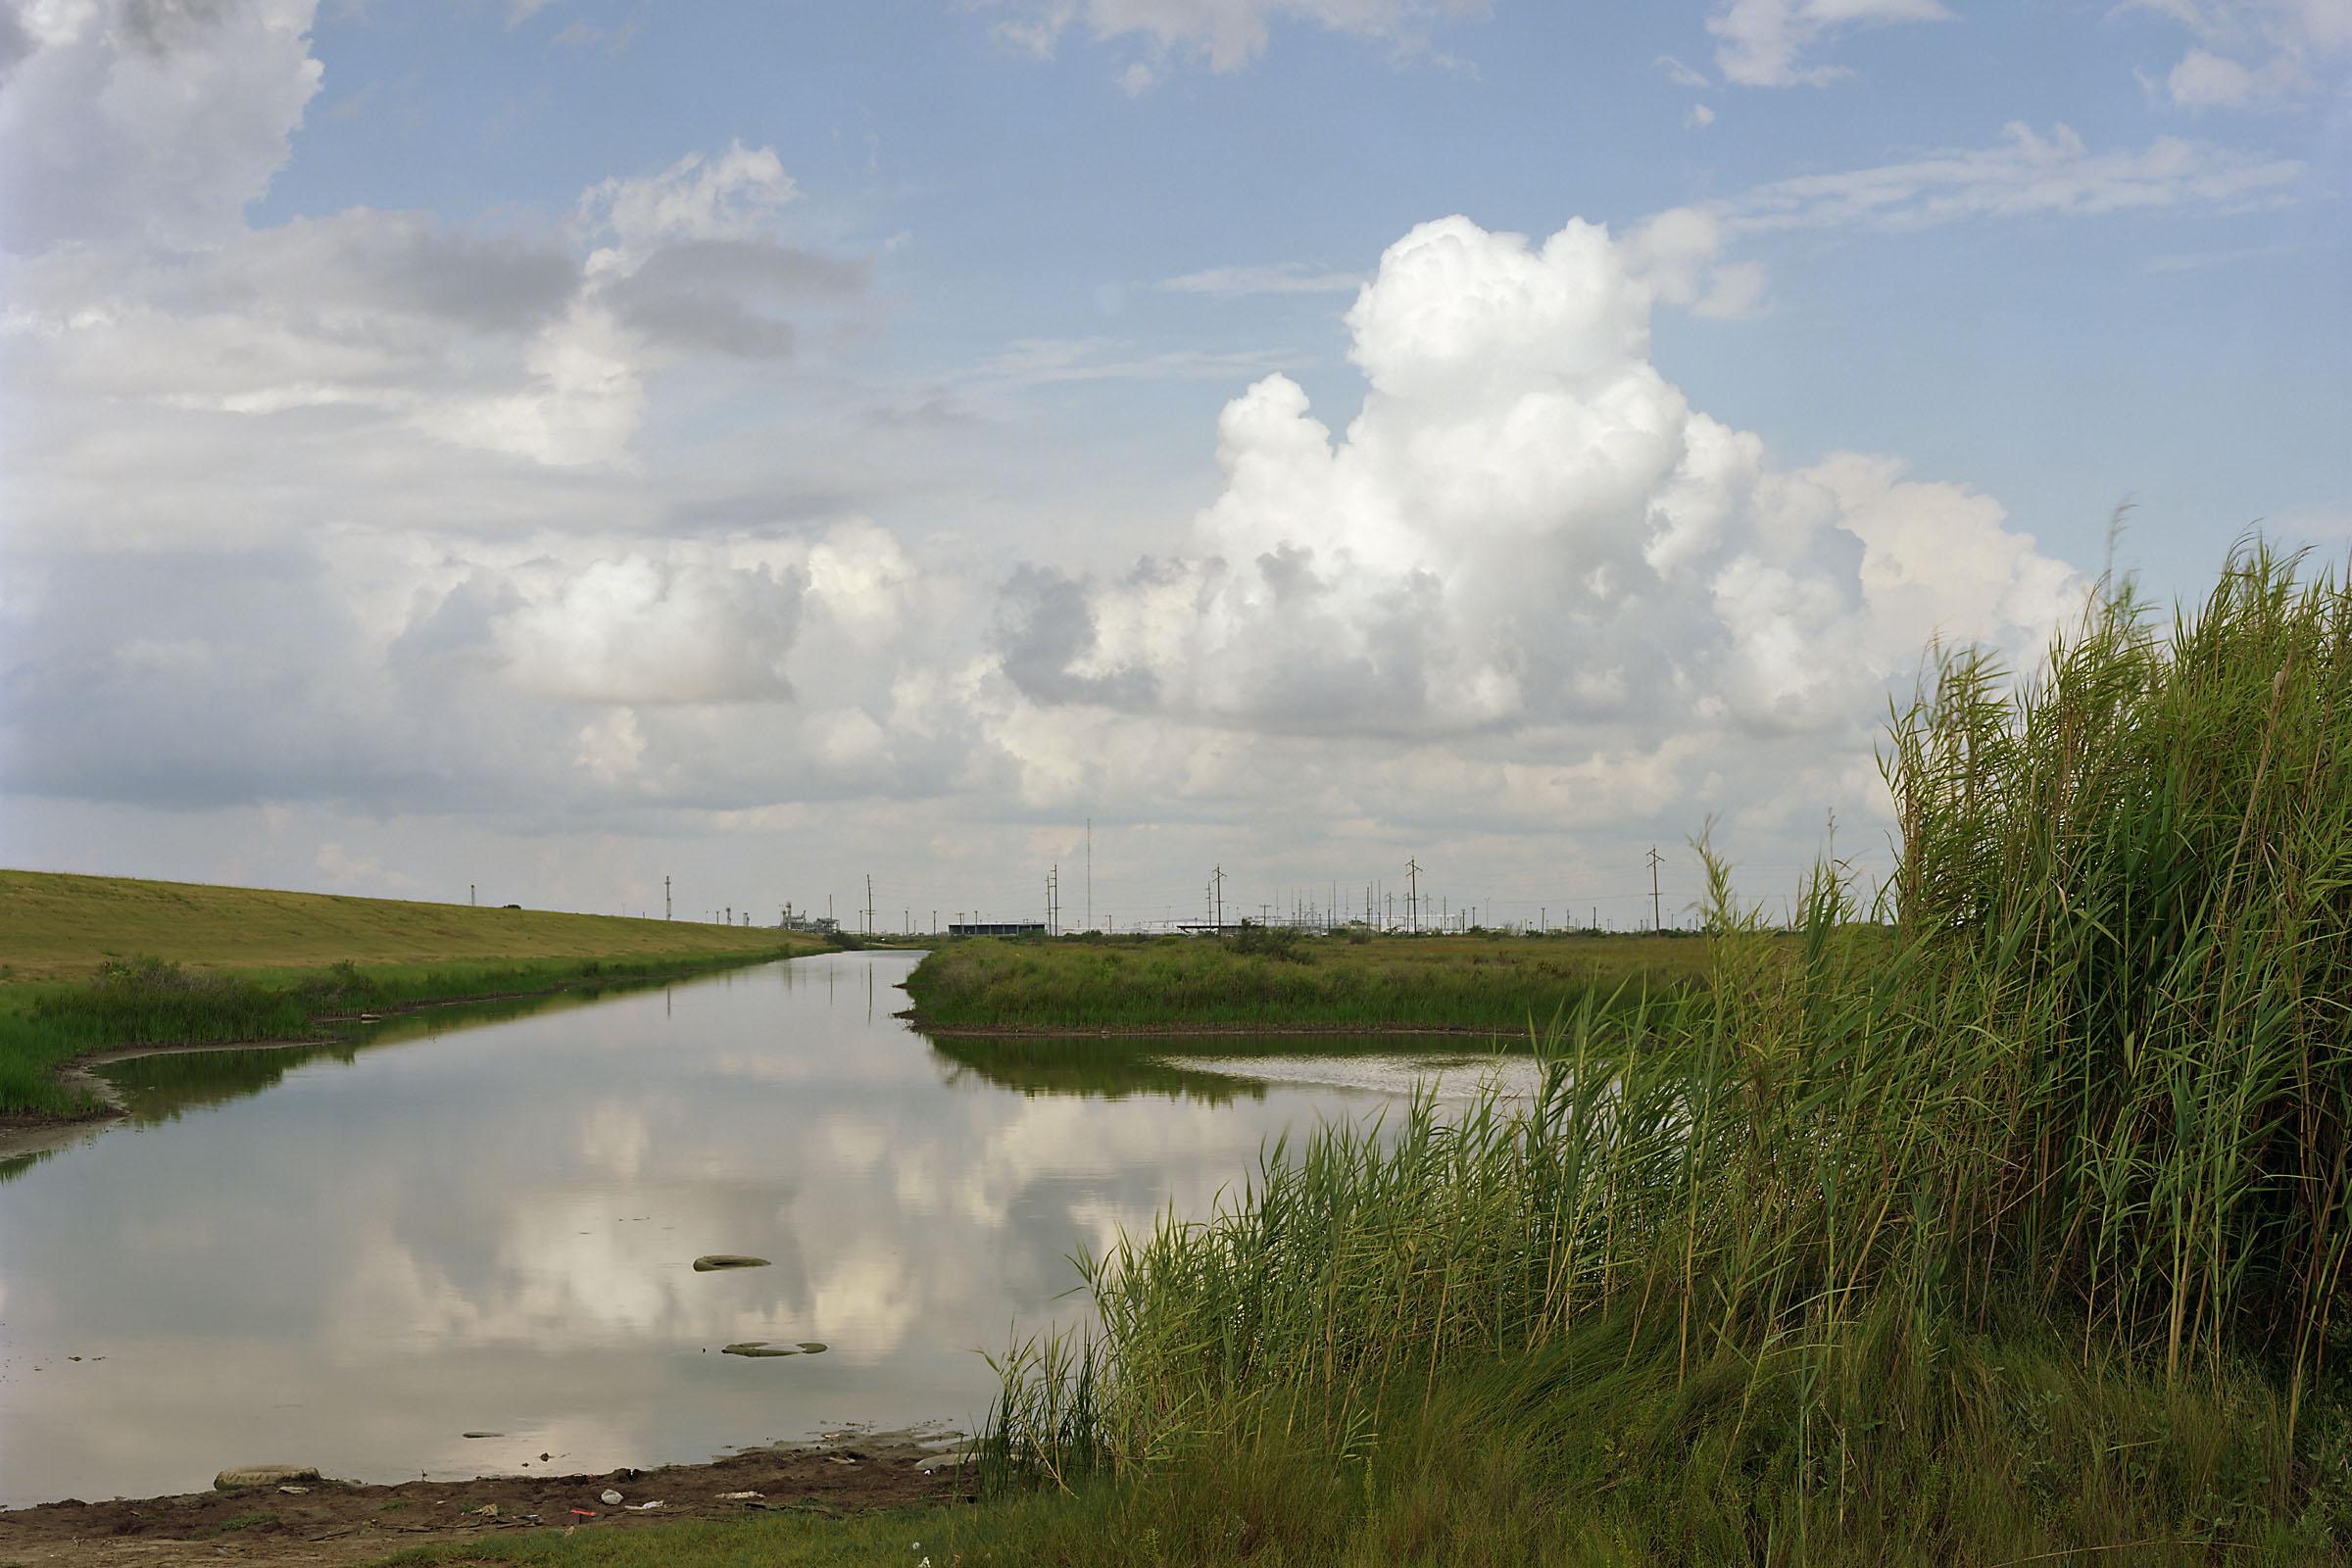 240.5 million barrels, Bryan Mound, Texas.